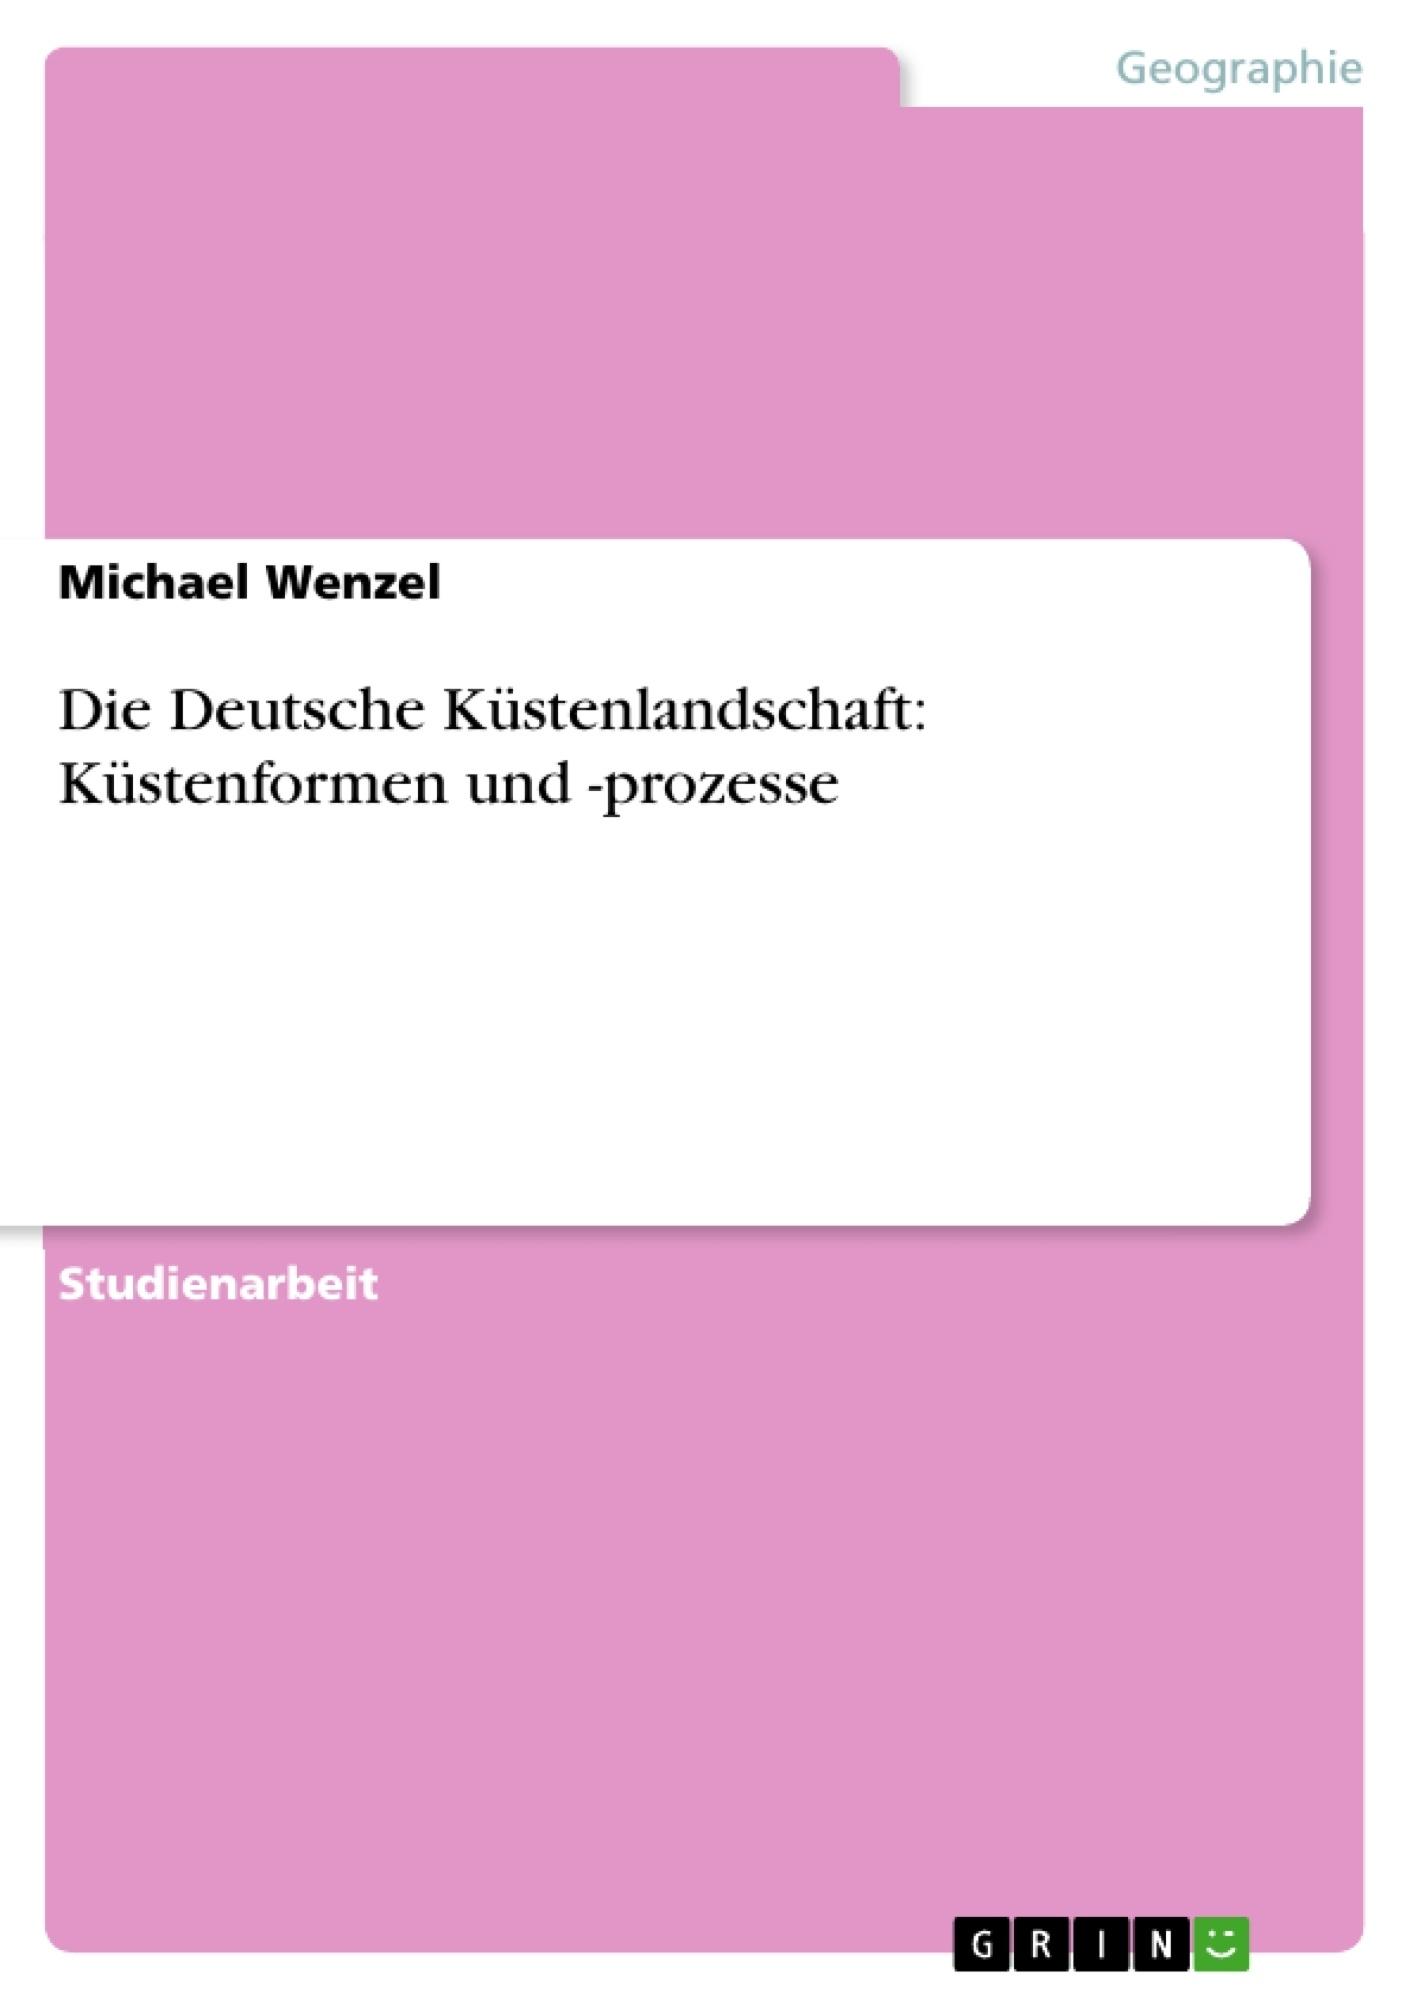 Titel: Die Deutsche Küstenlandschaft: Küstenformen und -prozesse